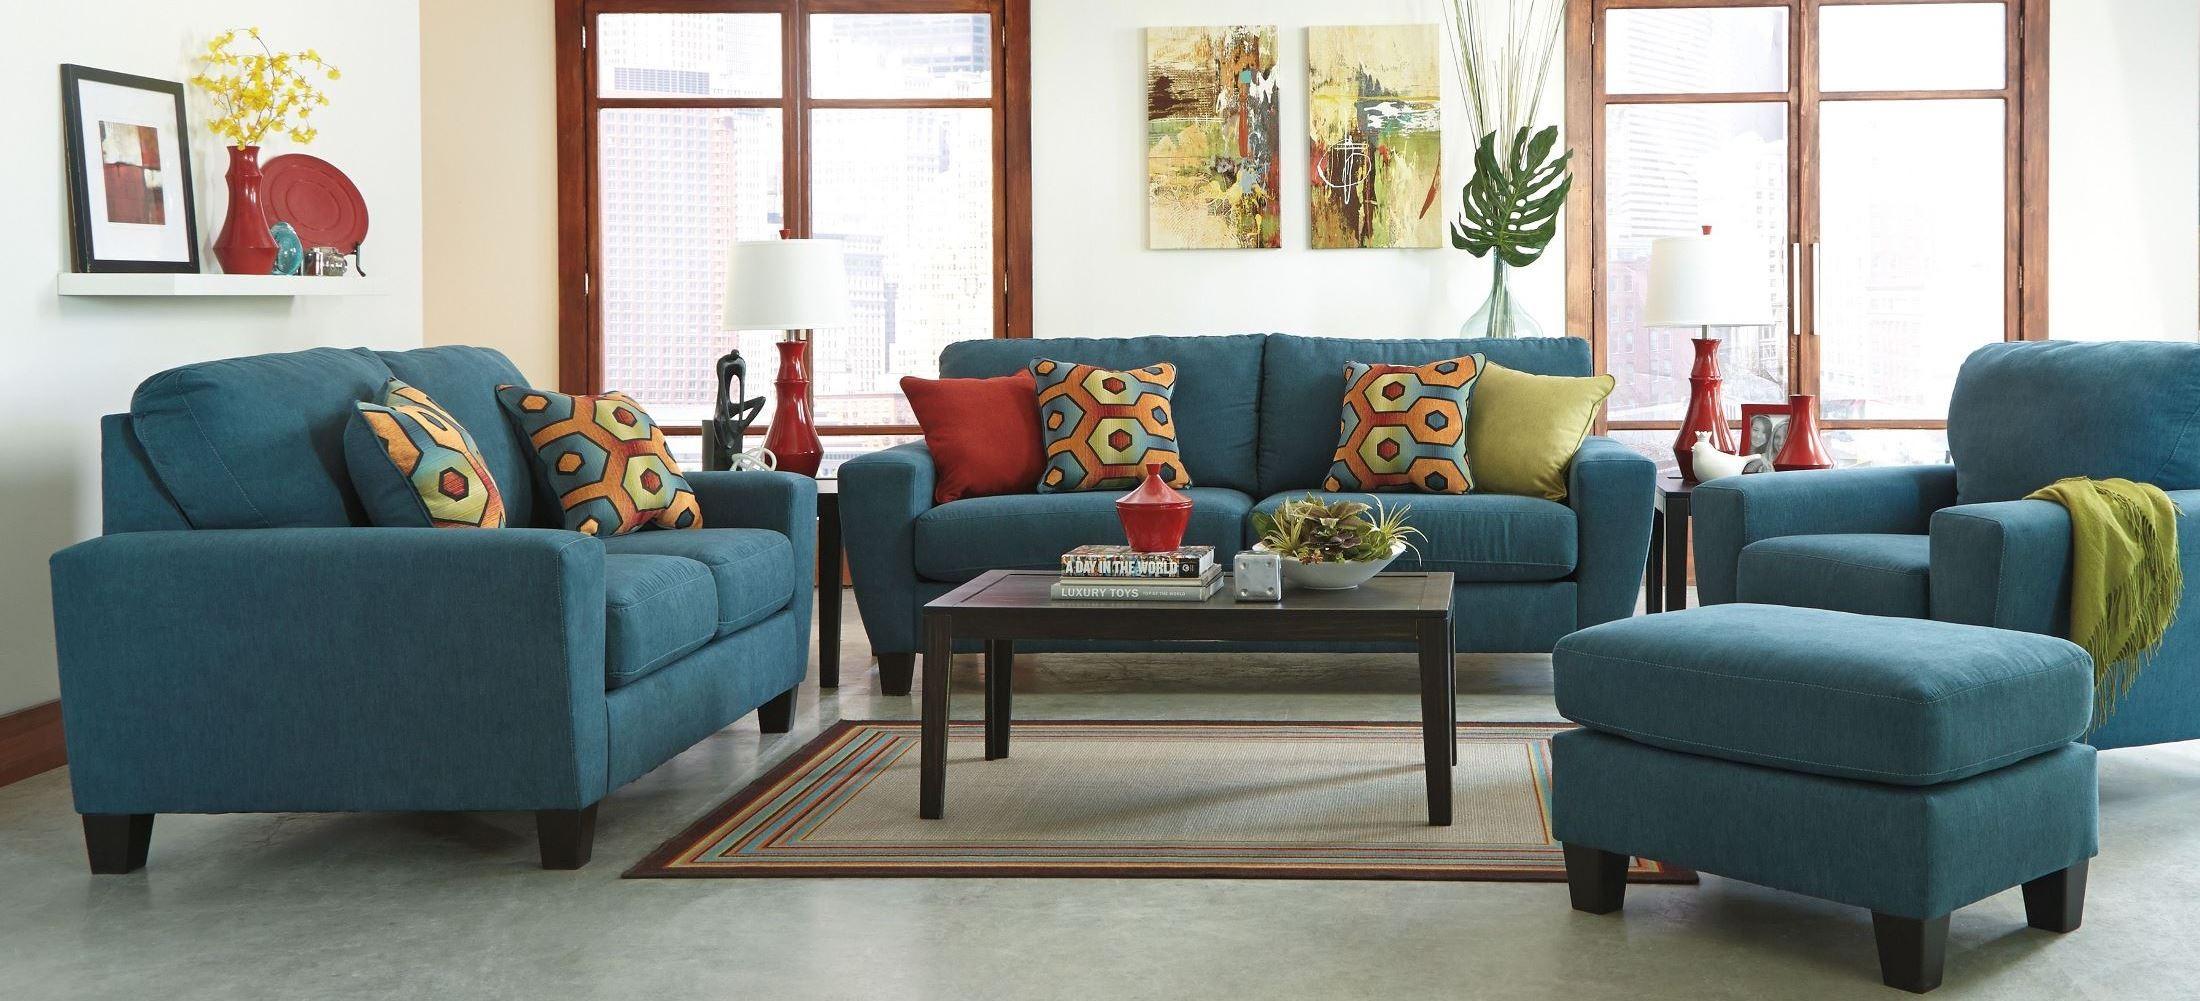 sagen teal living room set from 9390238 coleman